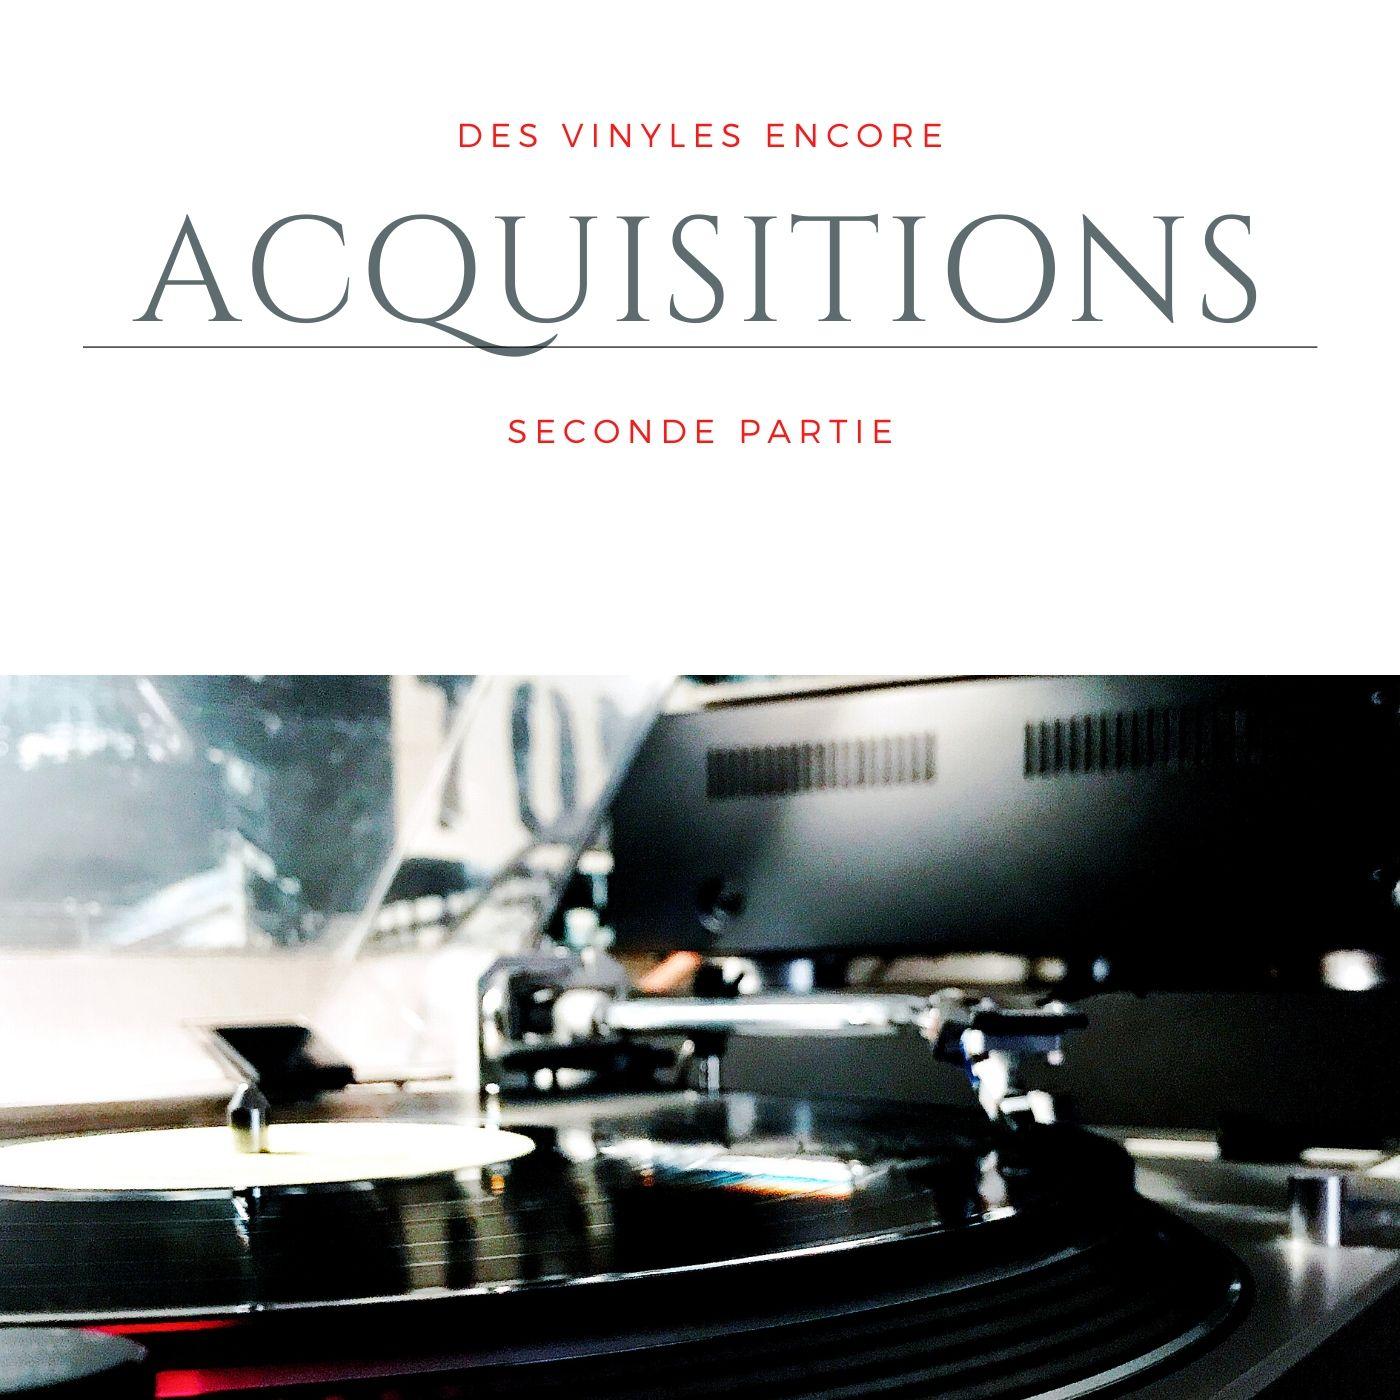 Vlog Notes acquisitions Vinyles, seconde partie !